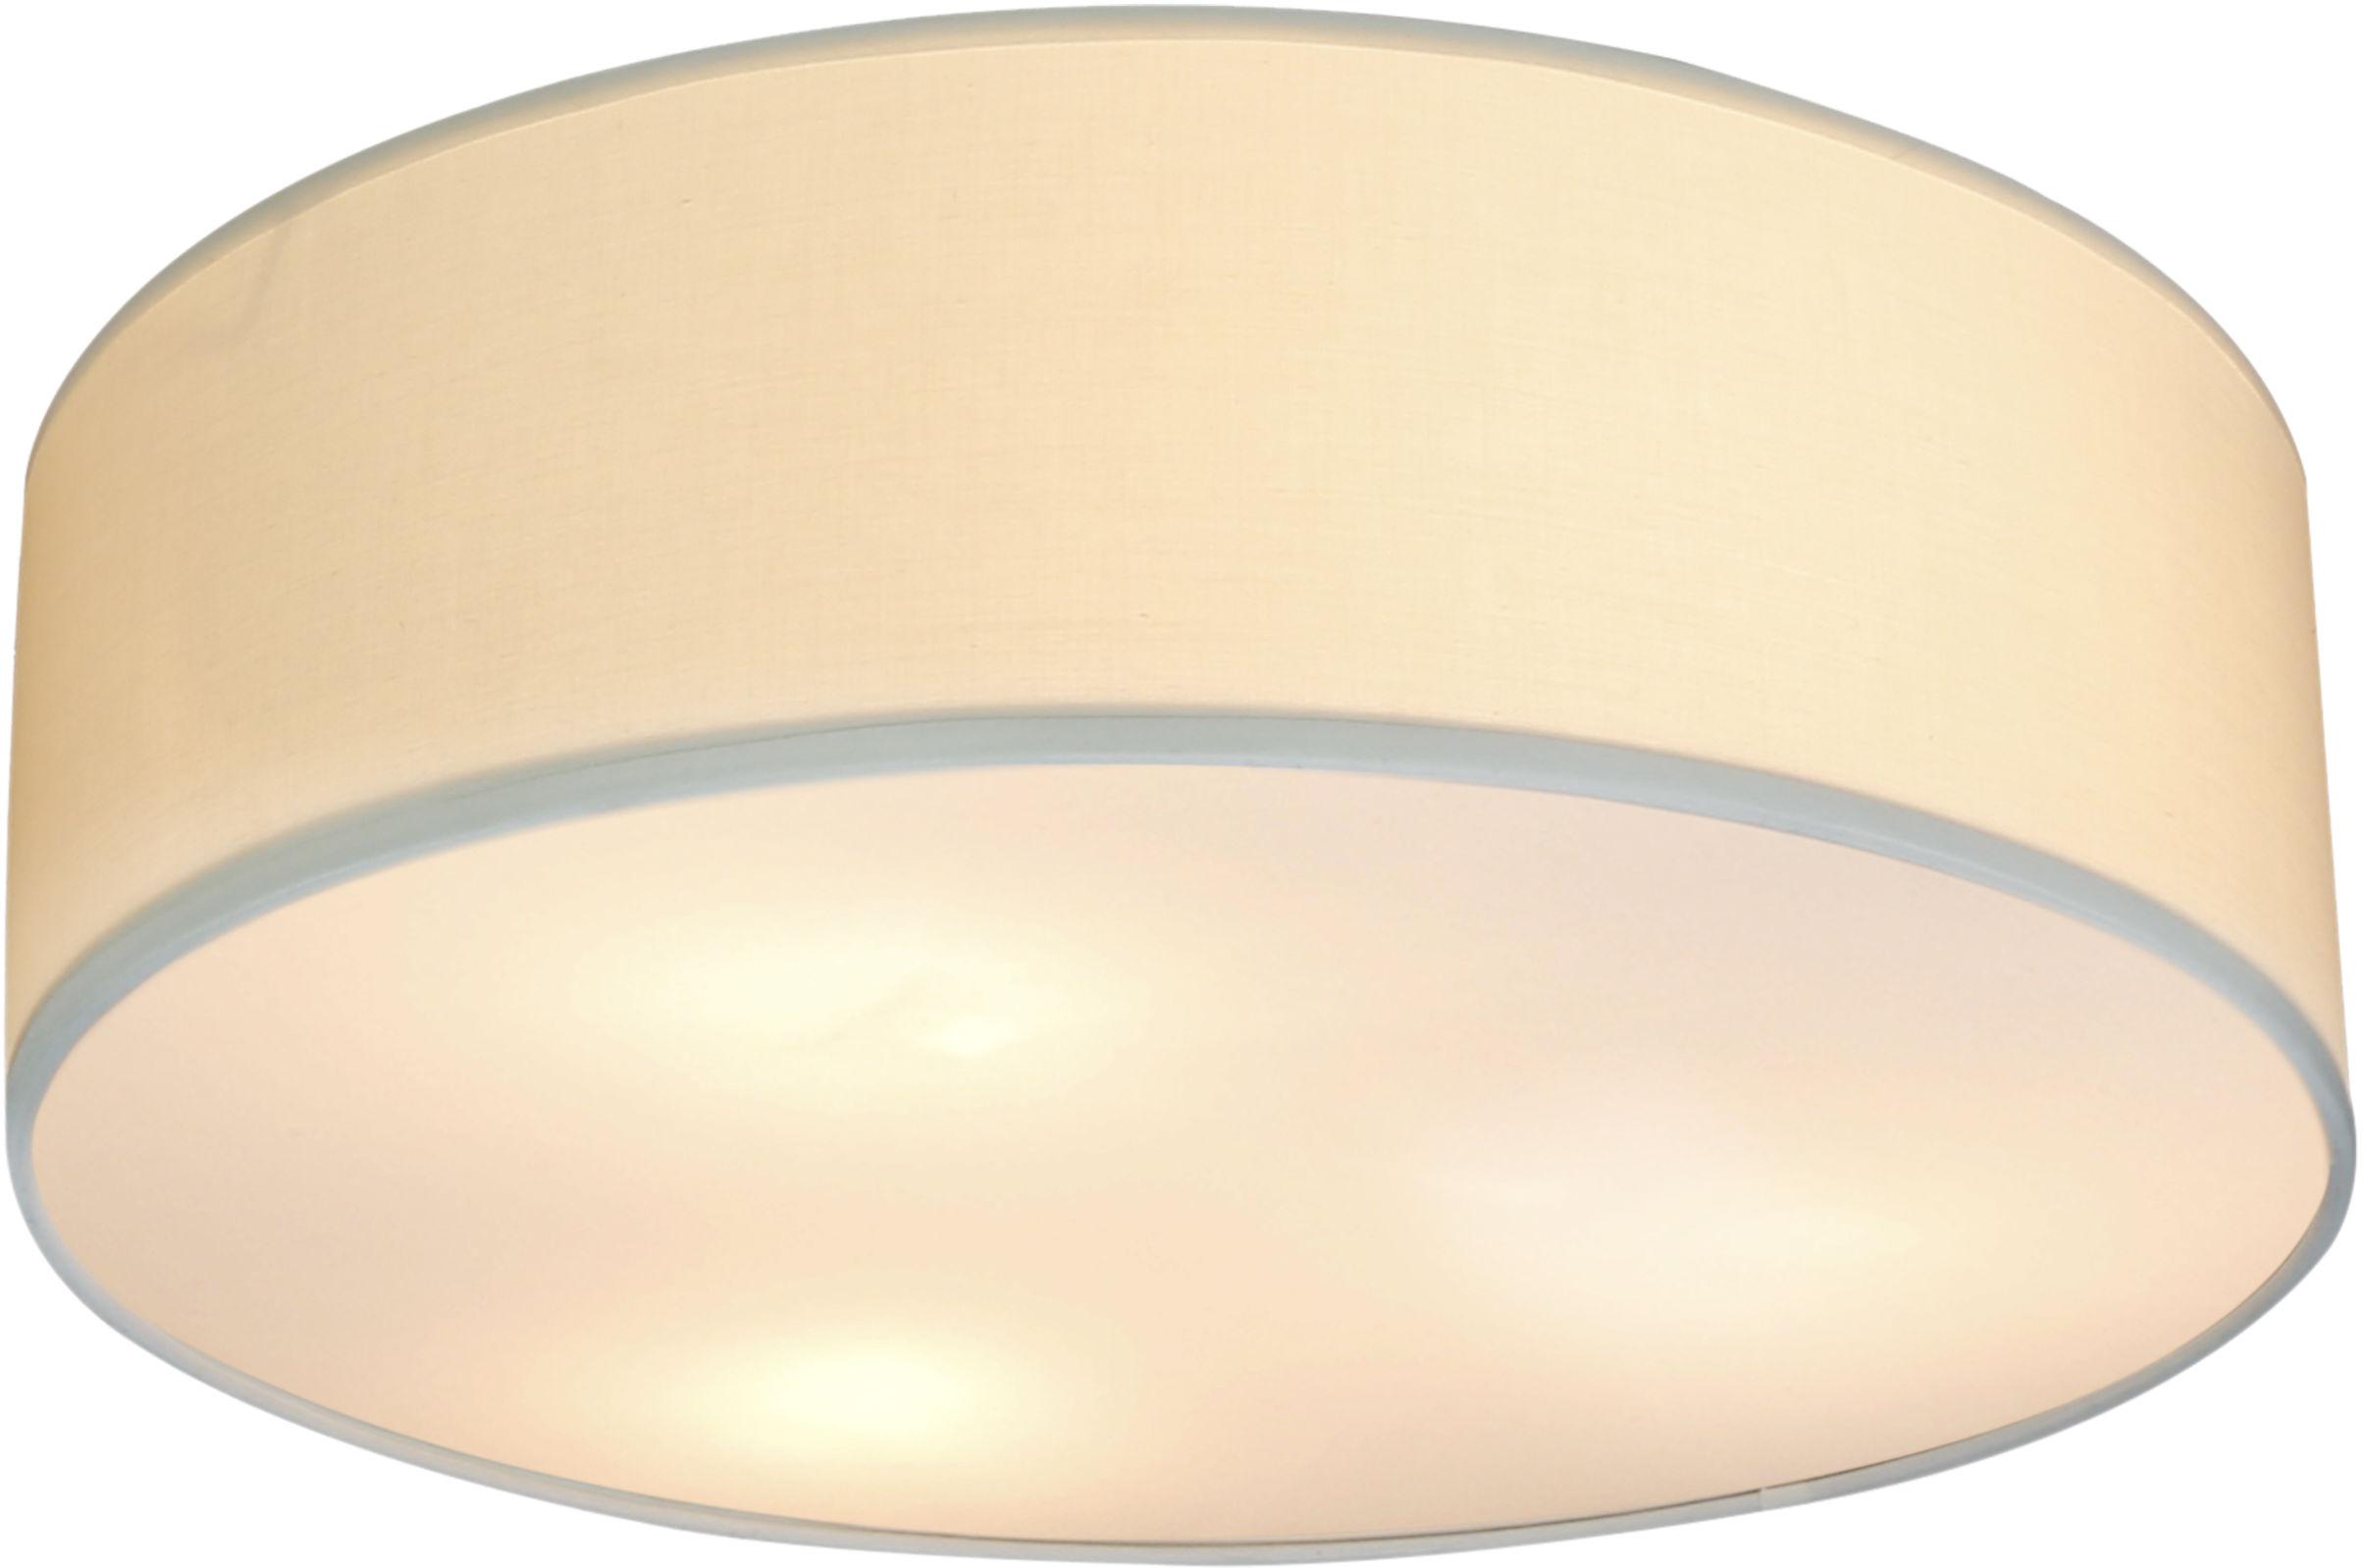 Candellux KIOTO 31-64714 plafon lampa sufitowa abażur kremowy 3x40W E27 50cm